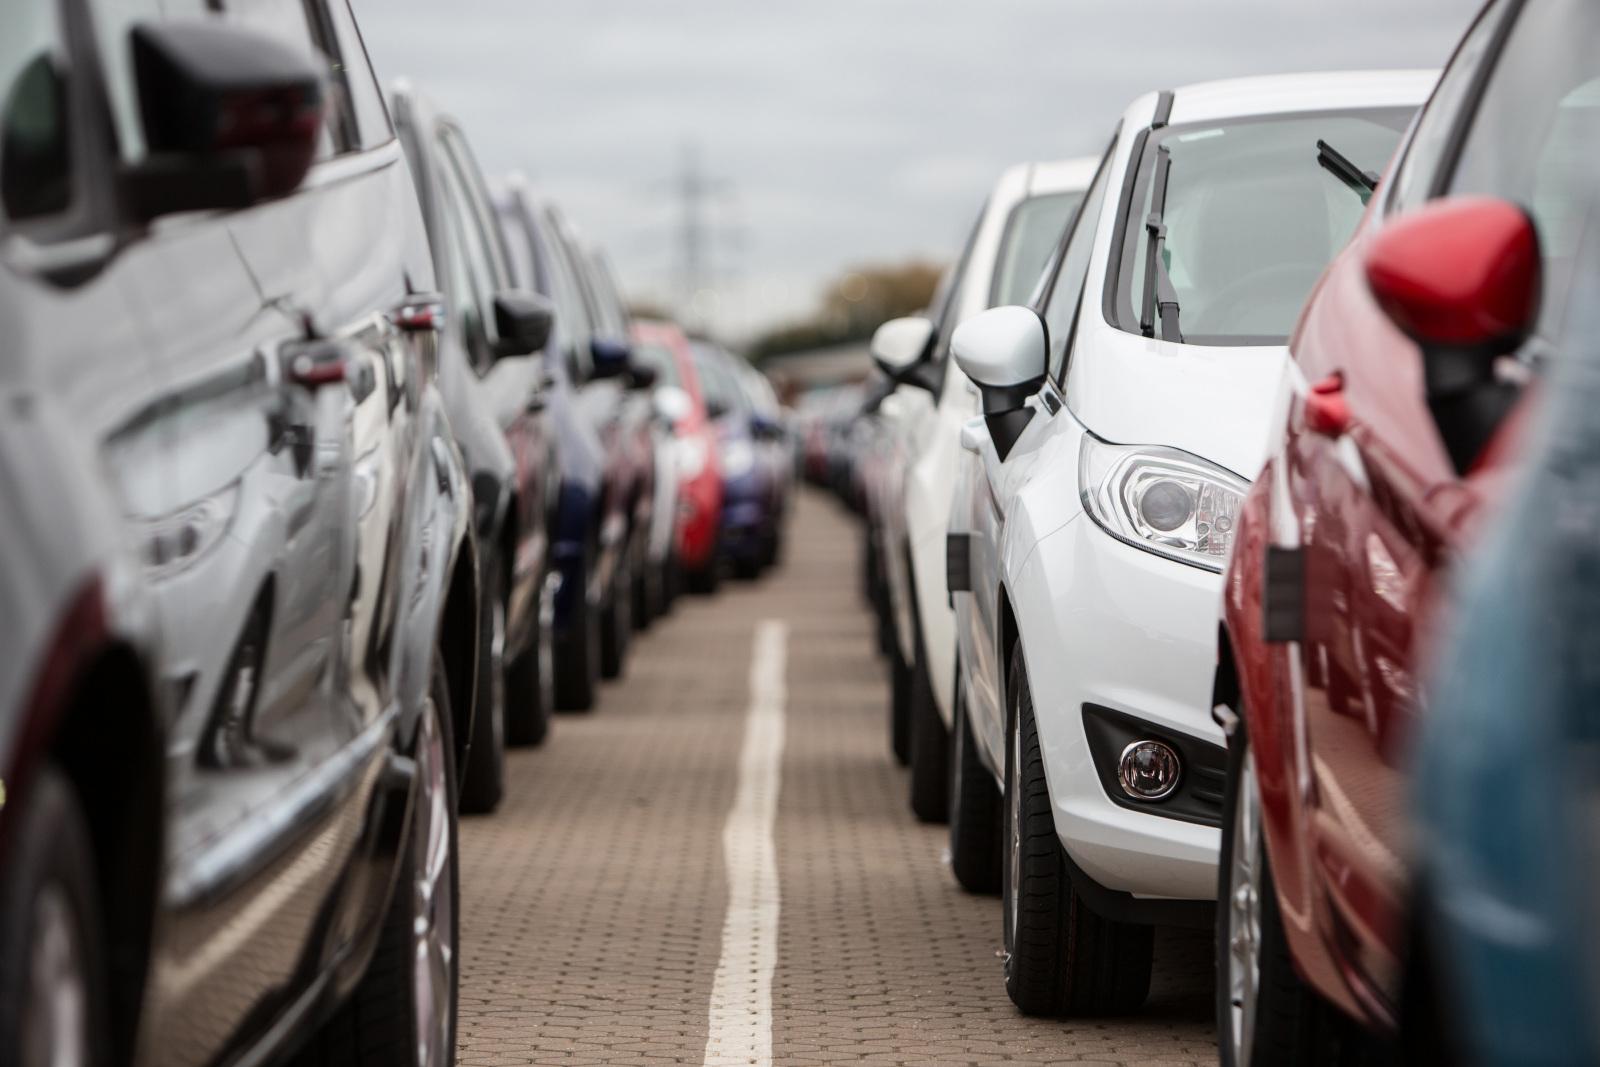 مبيعات السيارات الجديدة فى بريطانيا تسجل هبوطا أقل فى يونيو على أساس سنوى